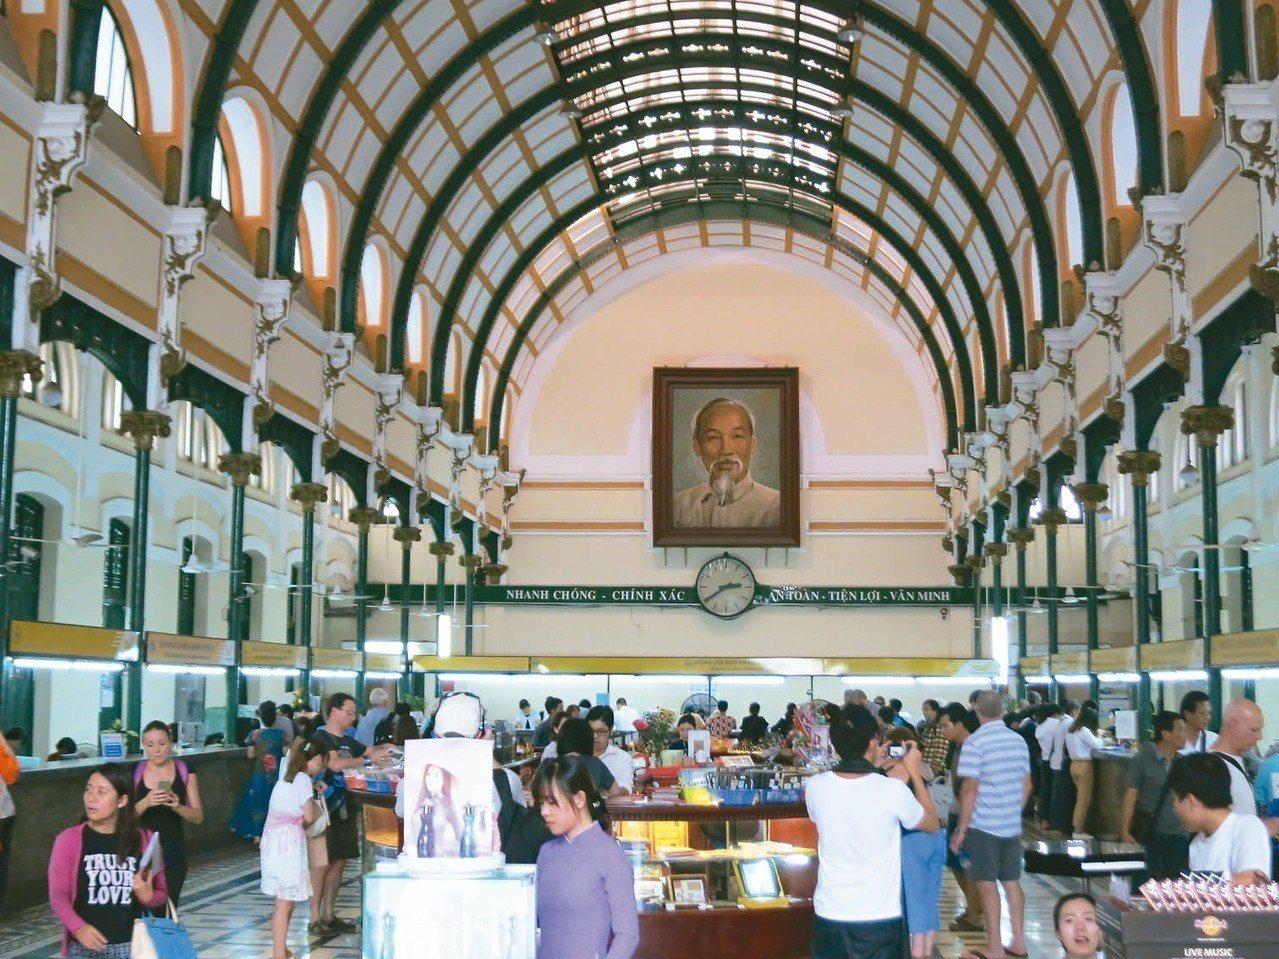 走進郵局大廳內部可感覺到裡面空間相當寬敞,大堂正中央掛的是越南國父胡志明的肖像。...